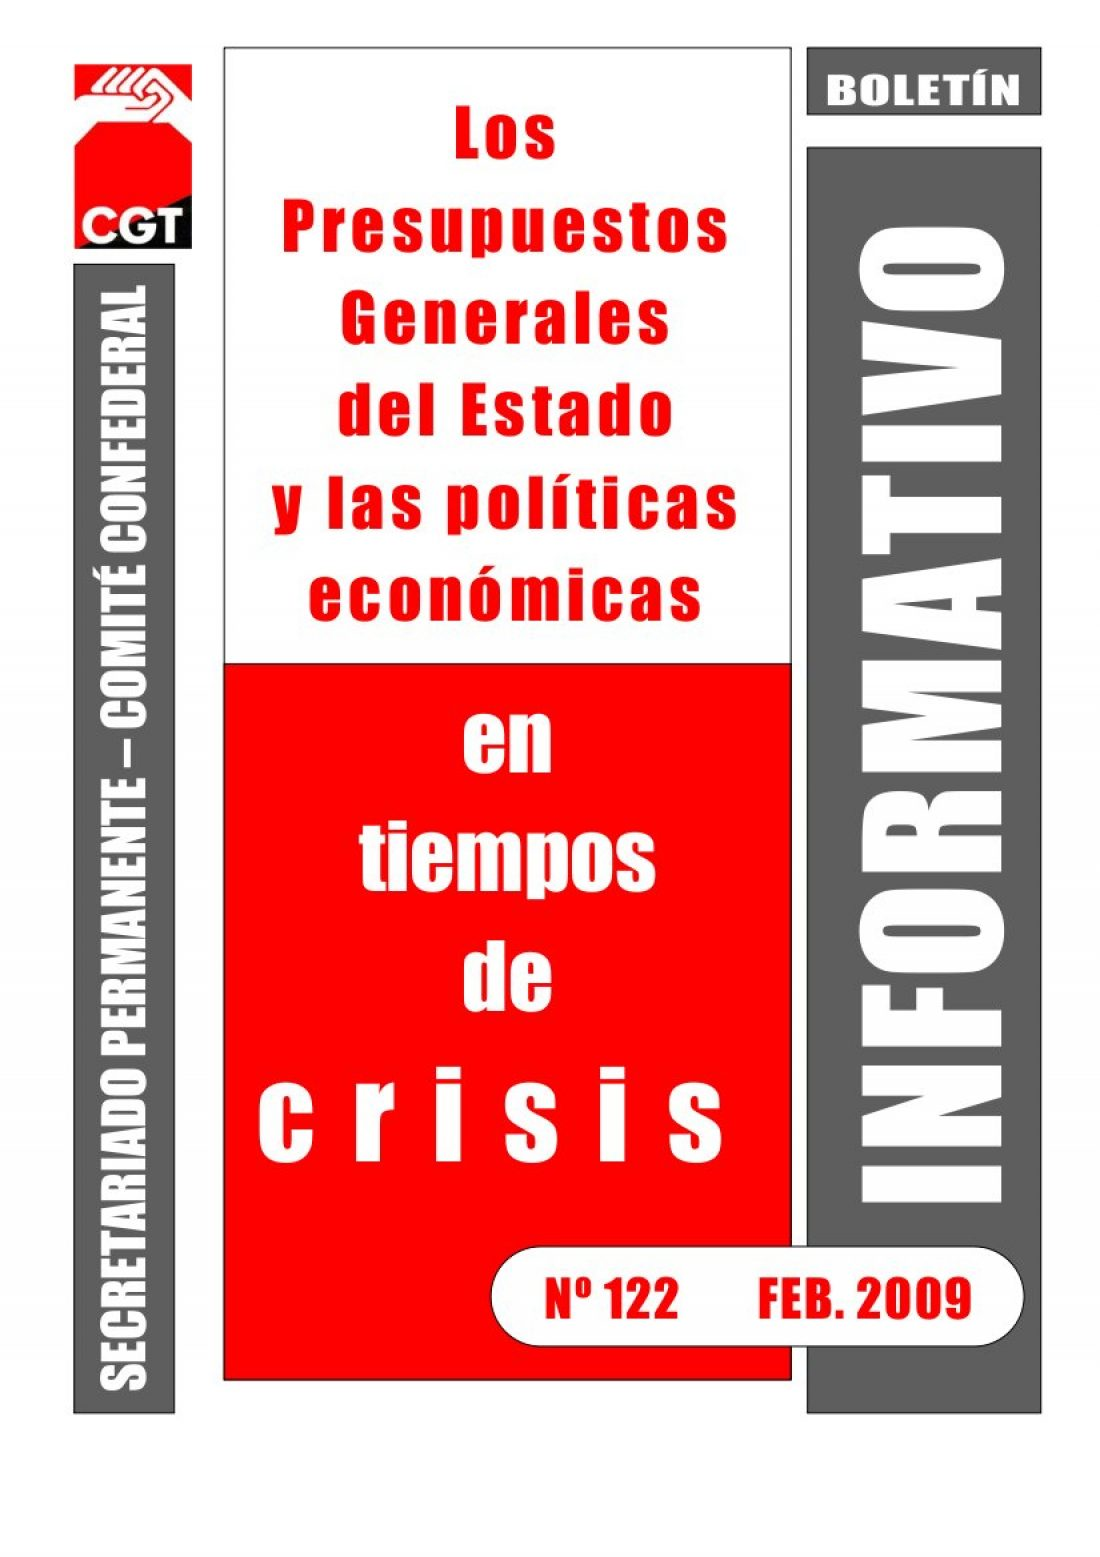 122. Los Presupuestos Generales del Estado y las políticas económicas en tiempos de crisis